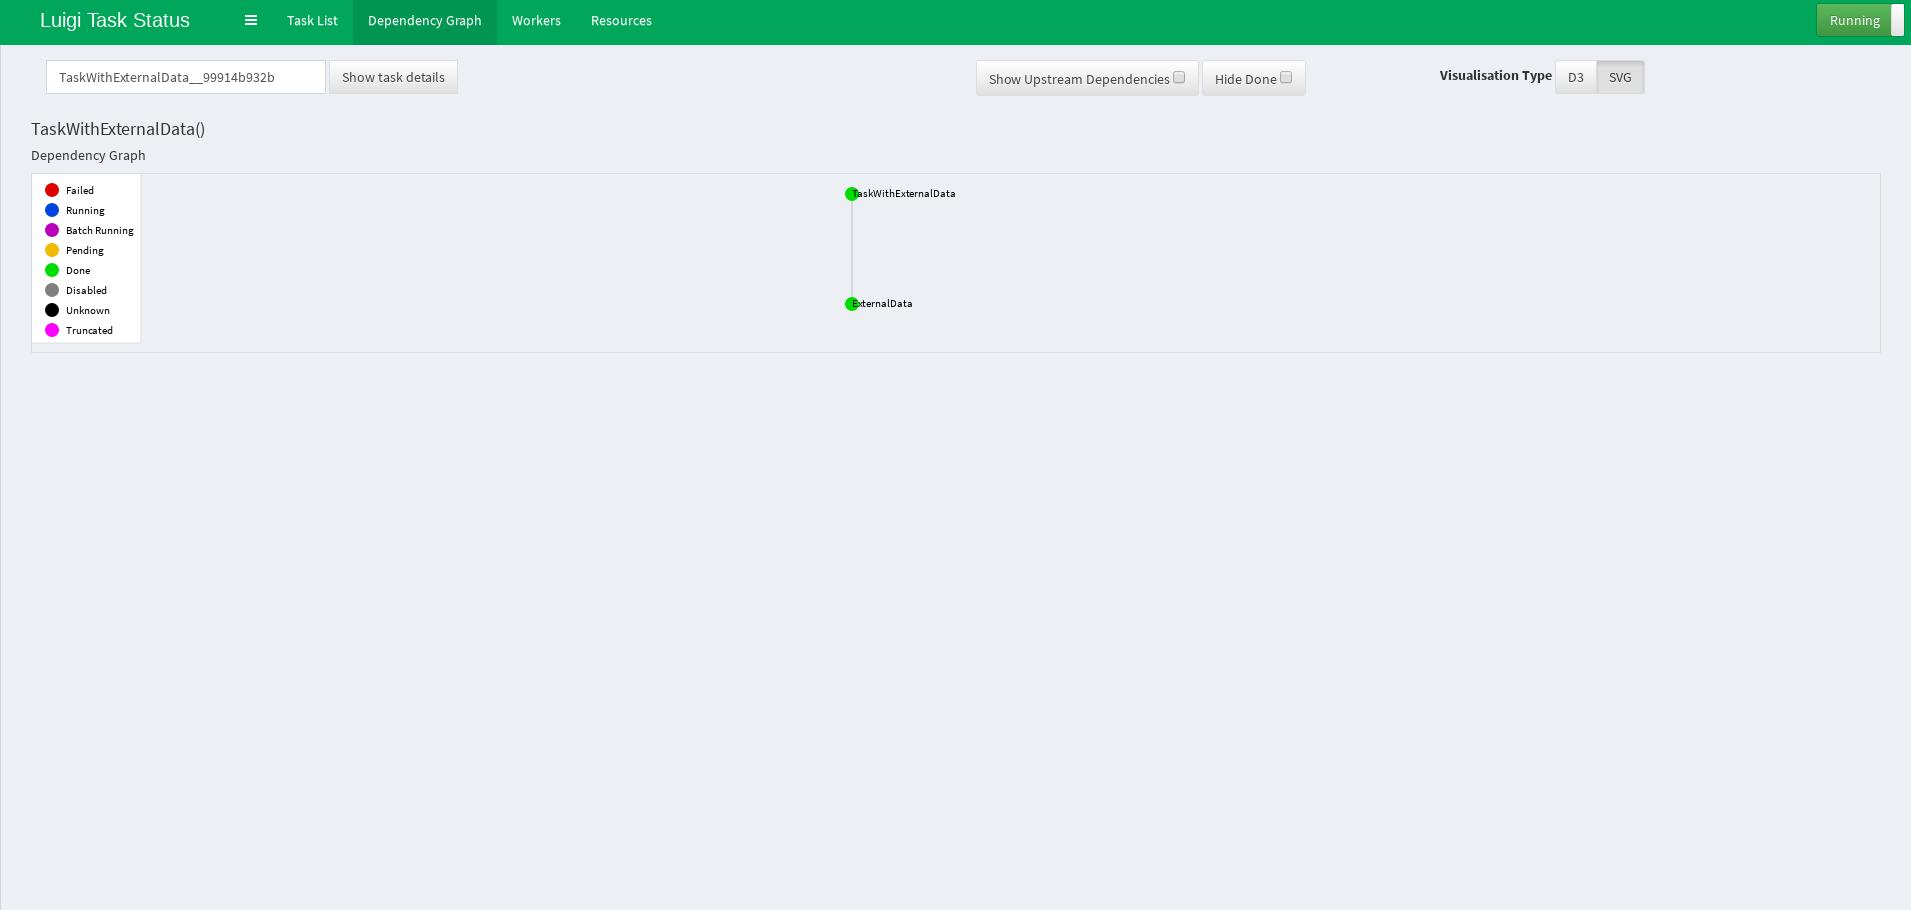 Обзор фреймворка Luigi для построения последовательностей выполнения задач - 3